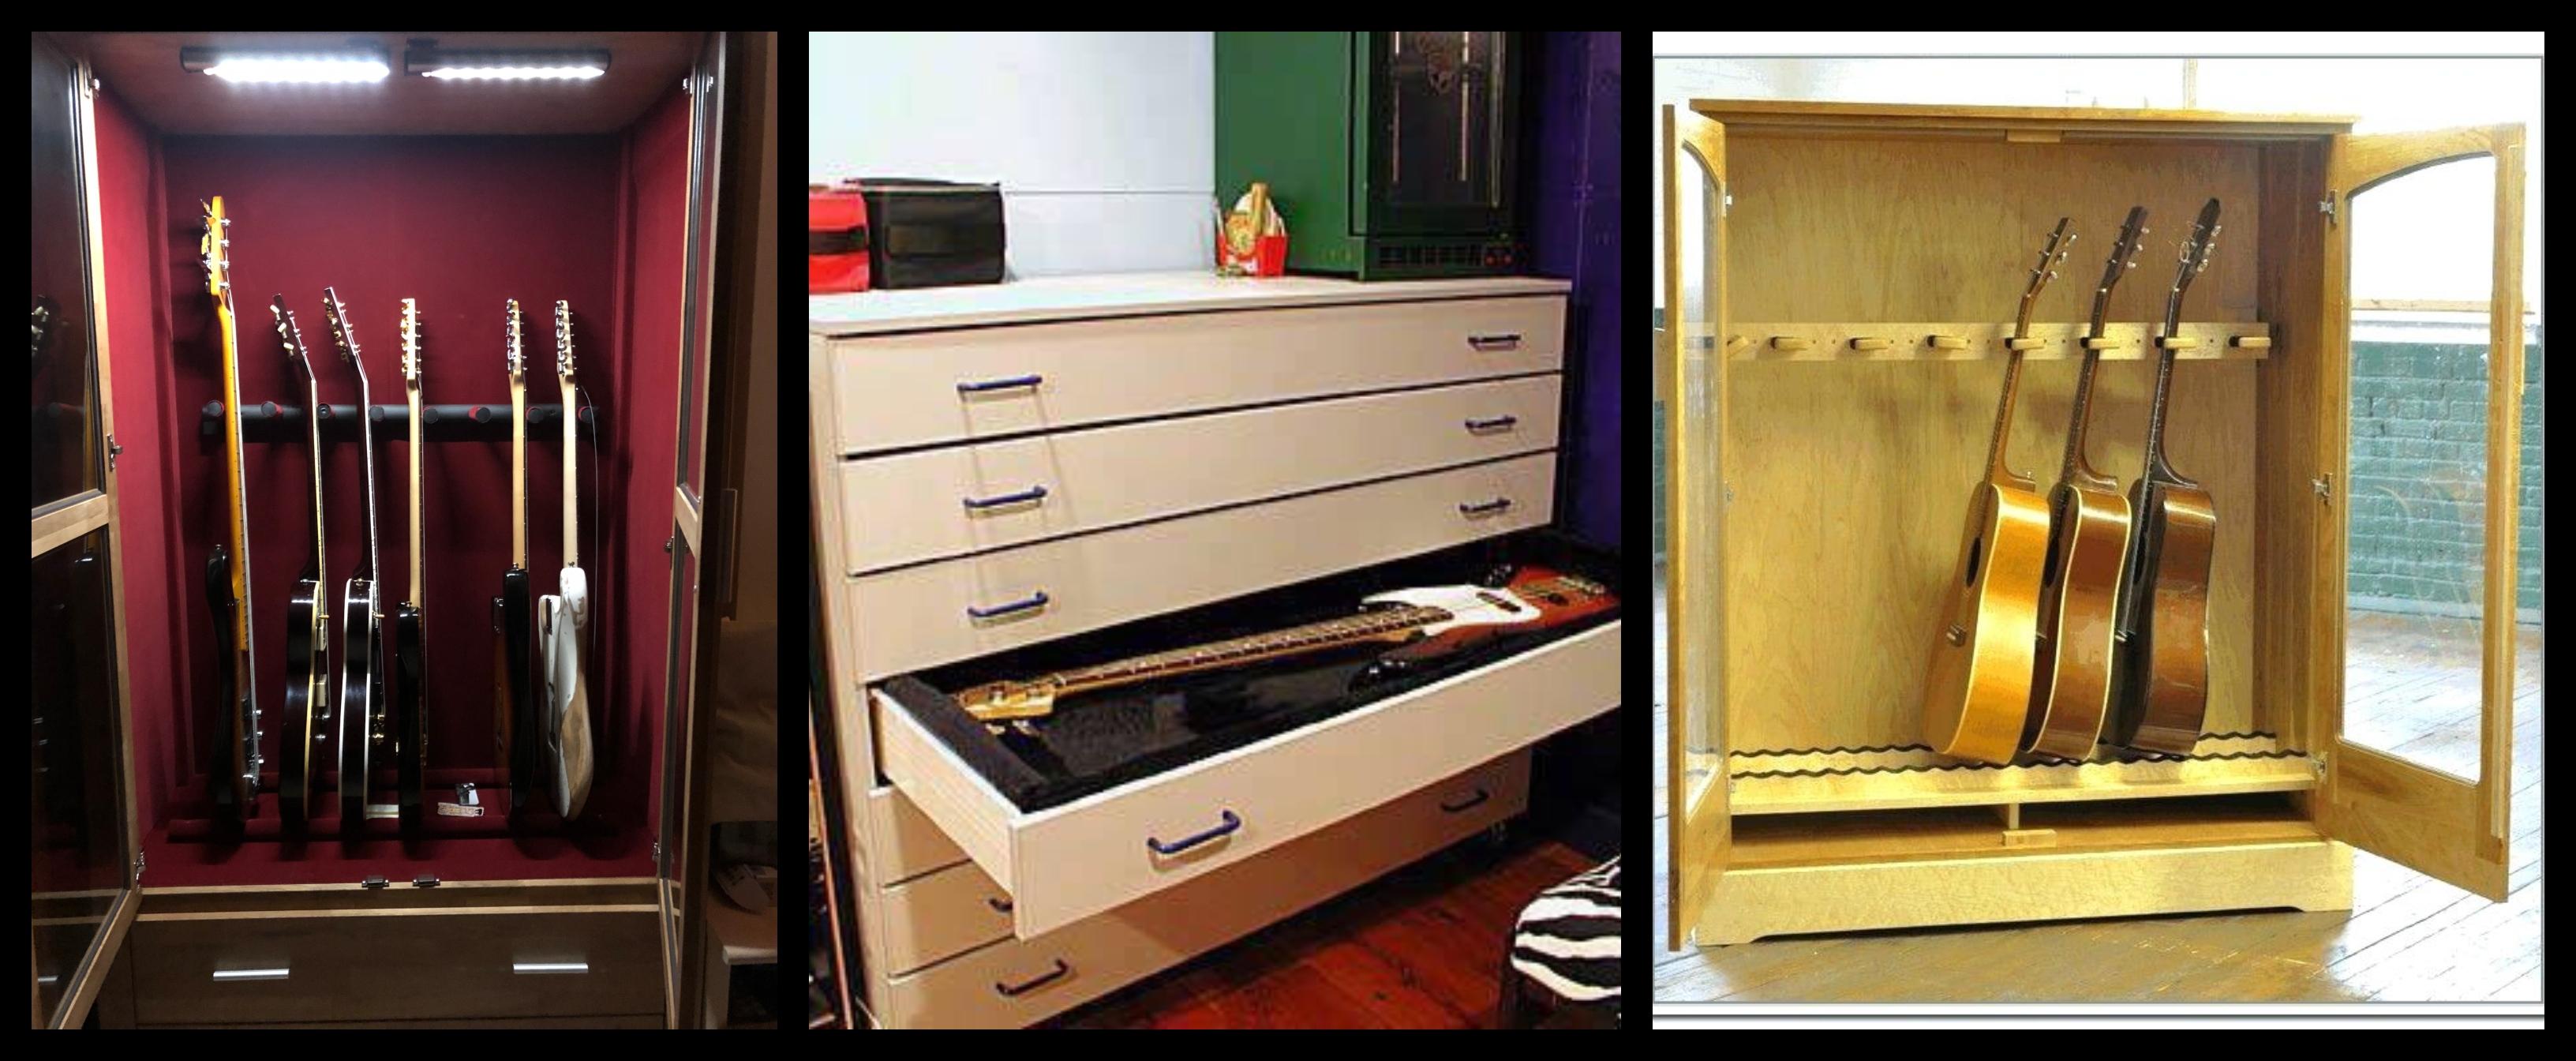 5 soluciones de almacenamiento para tus guitarras - Muebles para almacenar ...